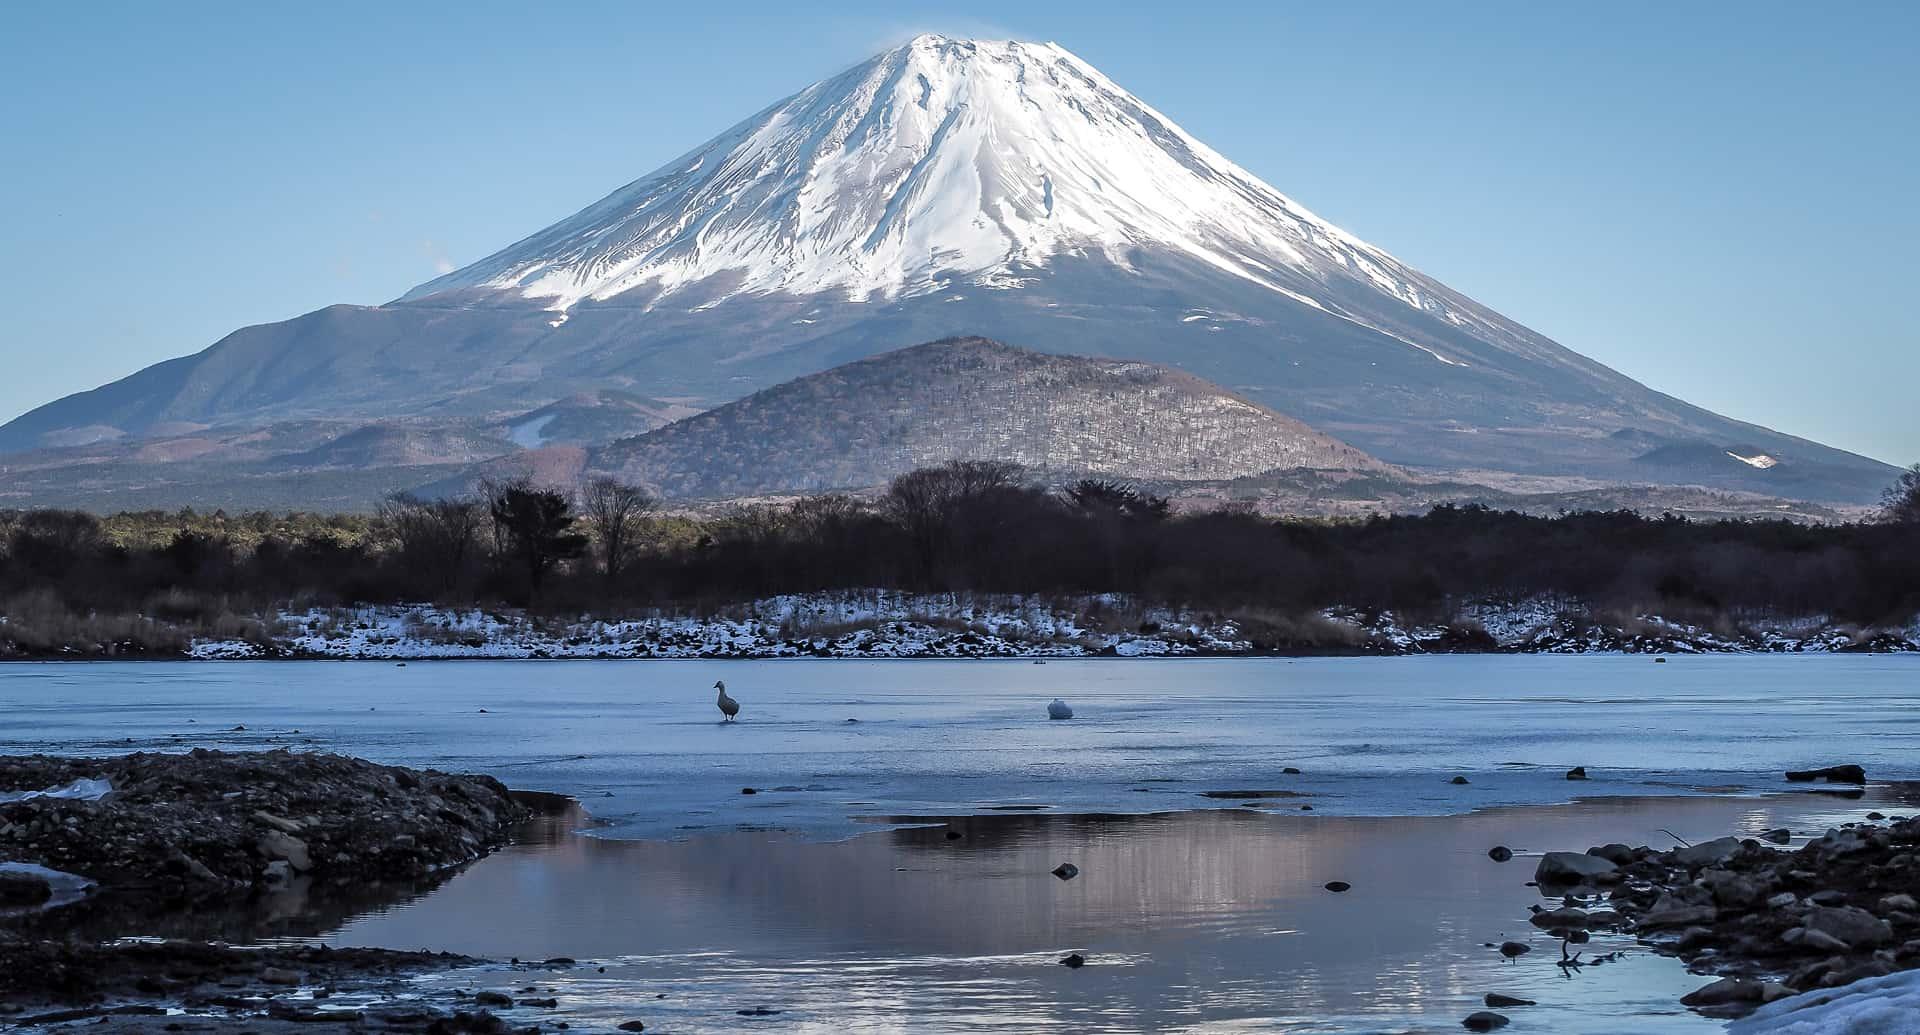 10 best spots to see Mt. Fuji